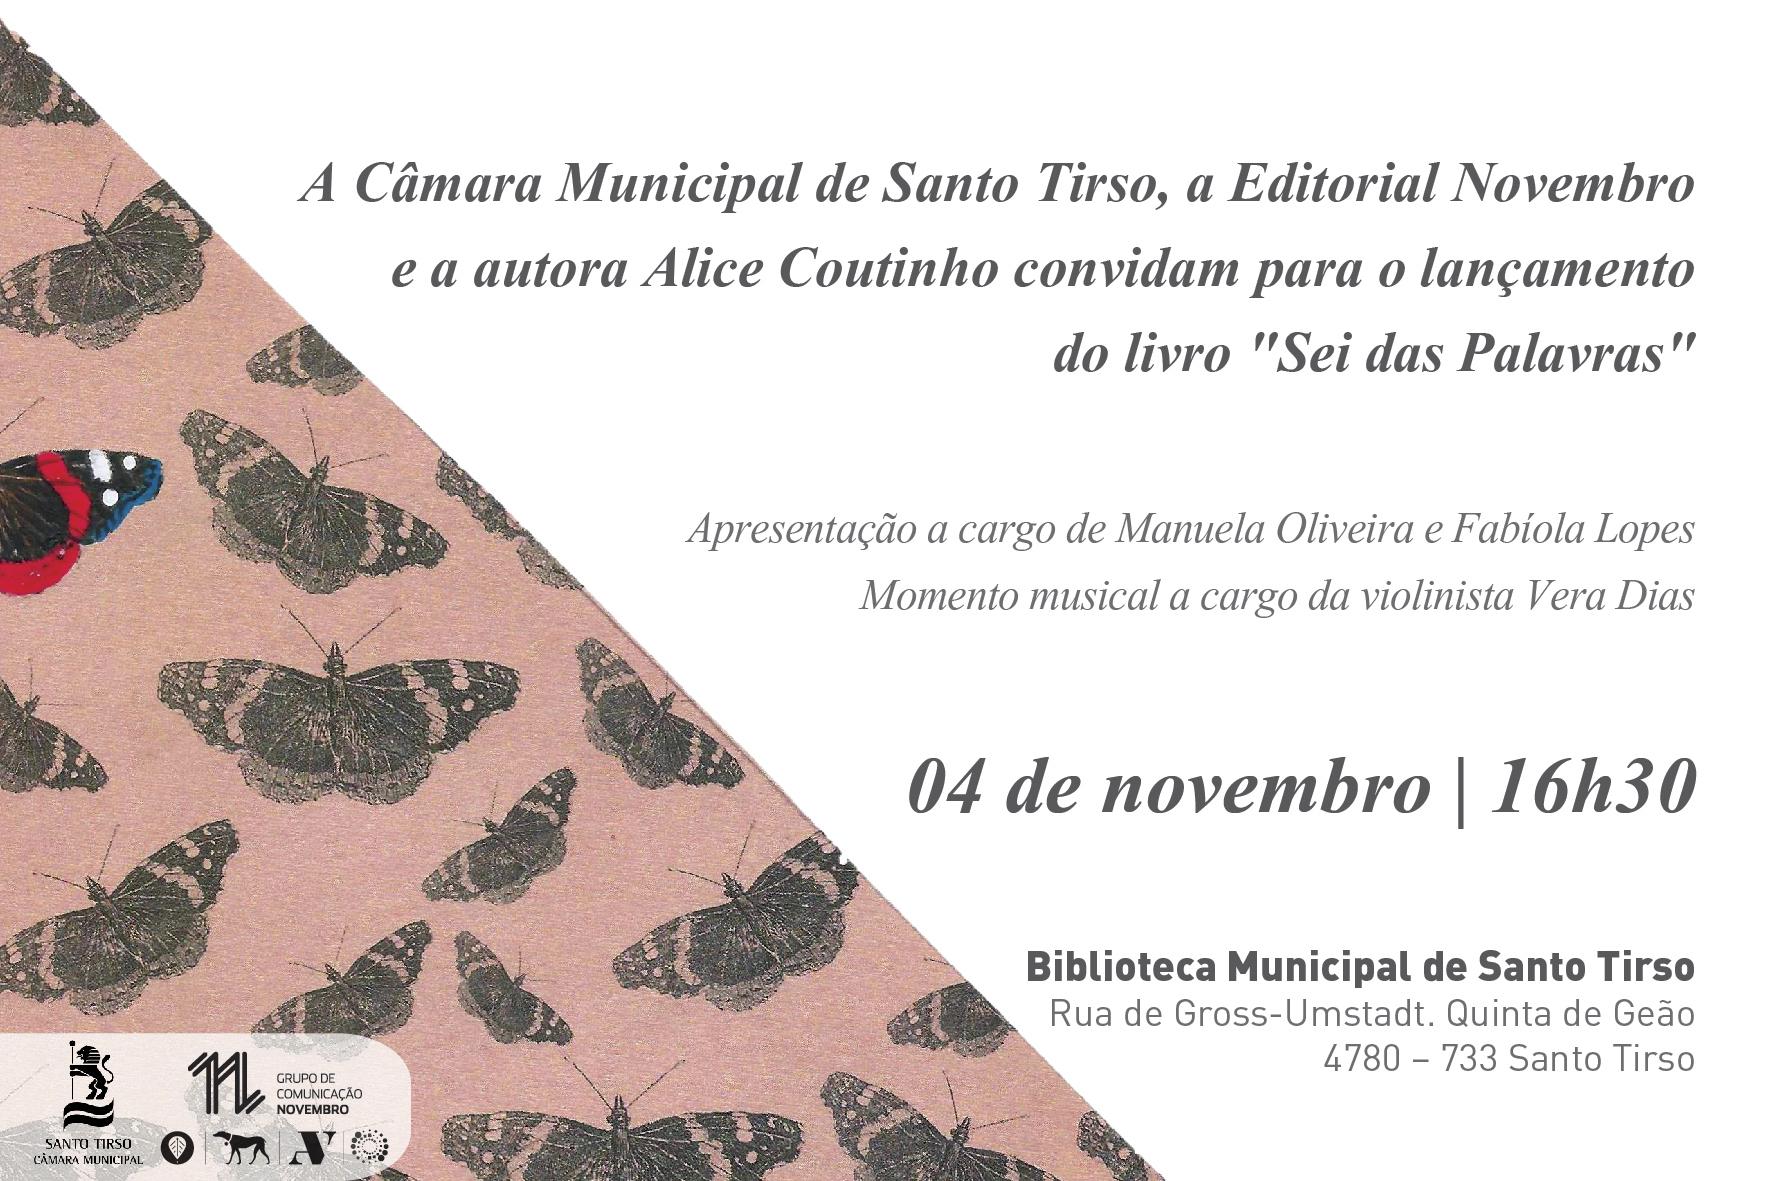 """Lançamento do livro """"Sei das Palavras"""" de Alice Coutinho"""